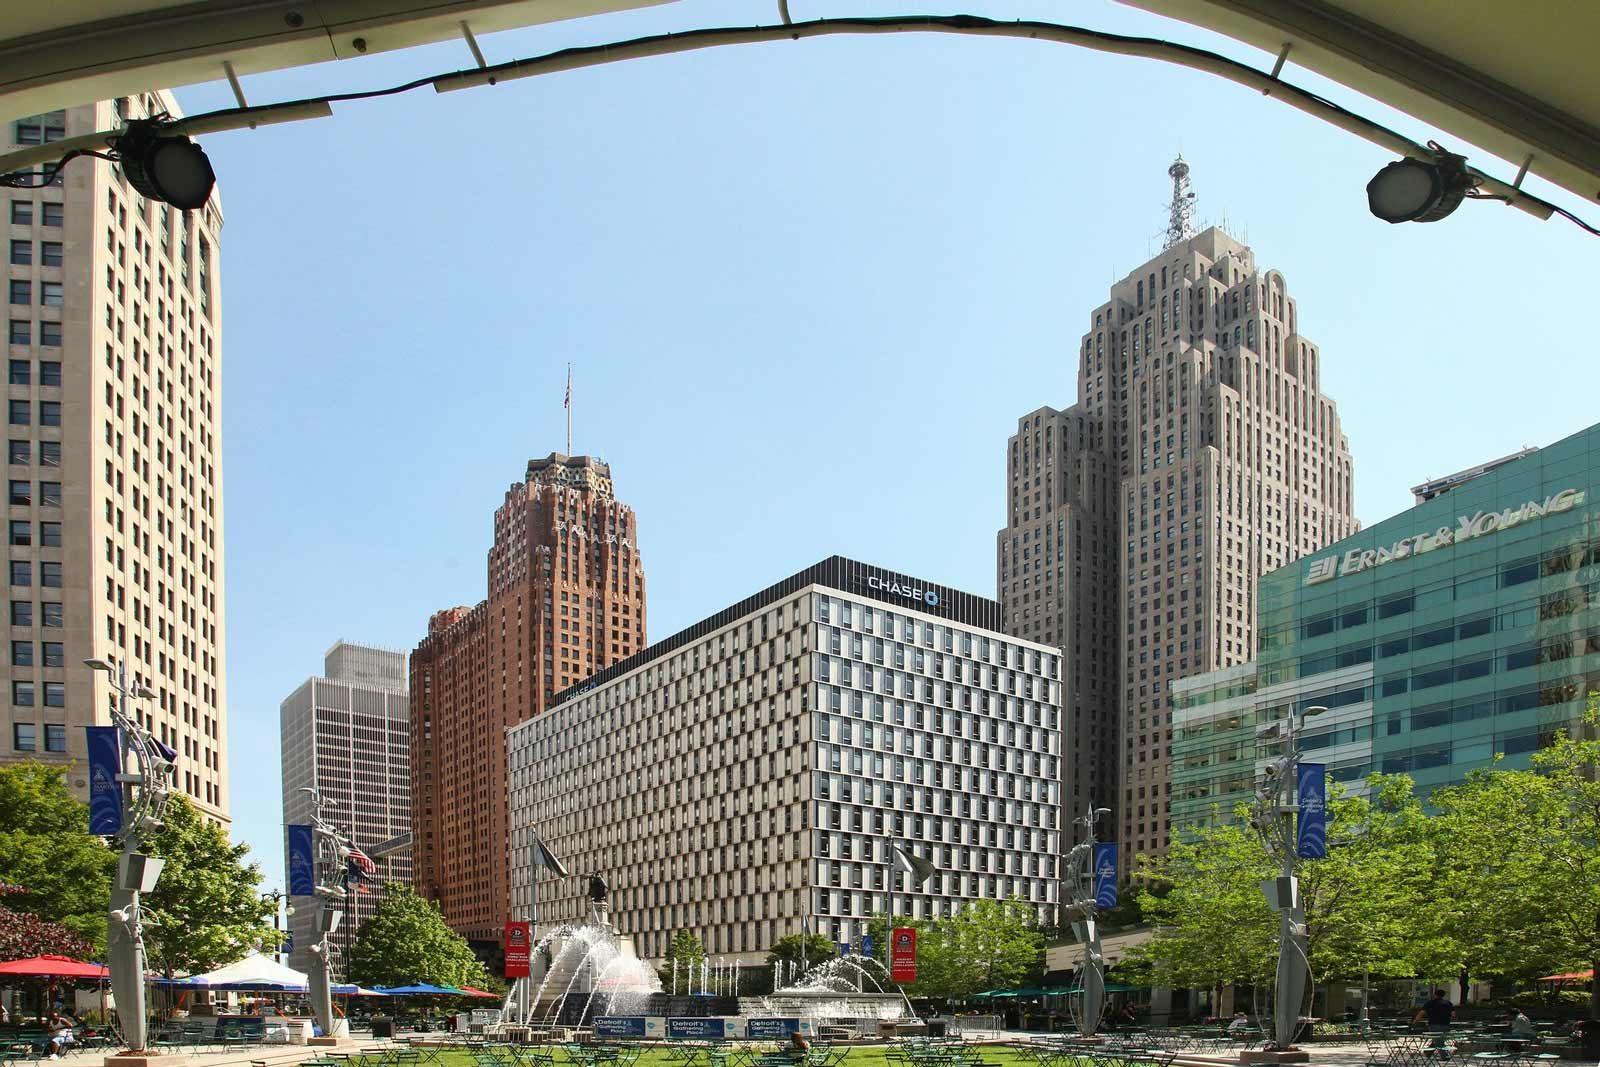 Campus Martius Park  in Detroit Michigan